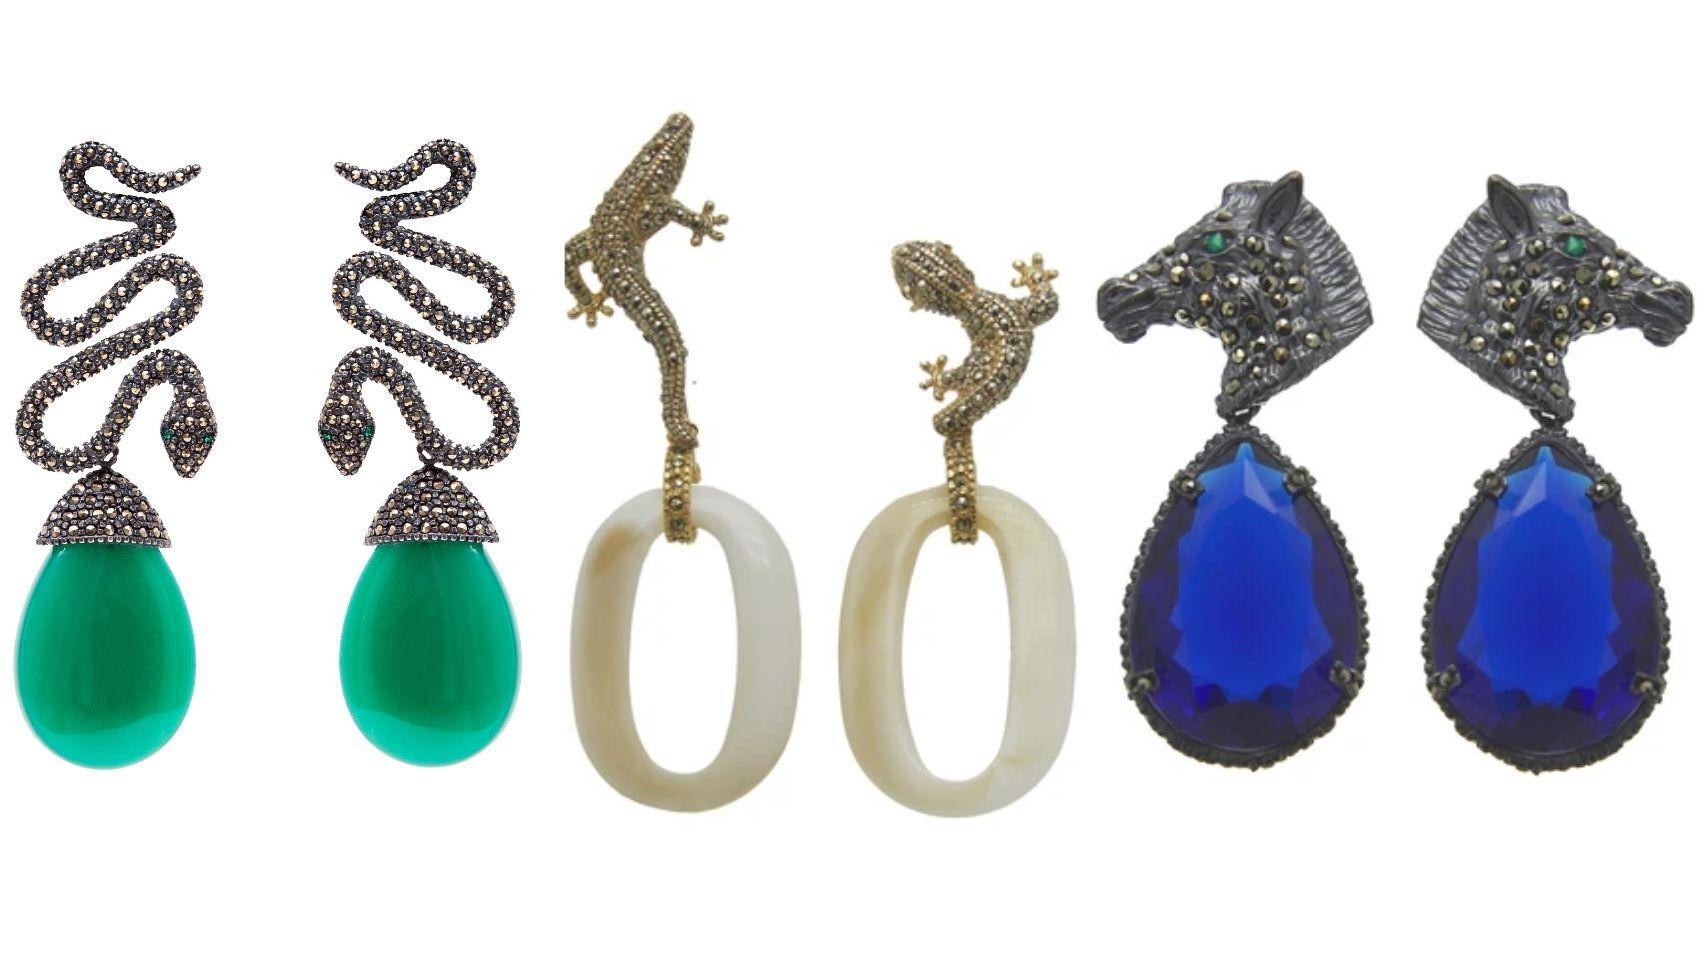 Elefantes, cebras y cocodrilos: el mundo animal toma forma en las joyas de Regina Castillo